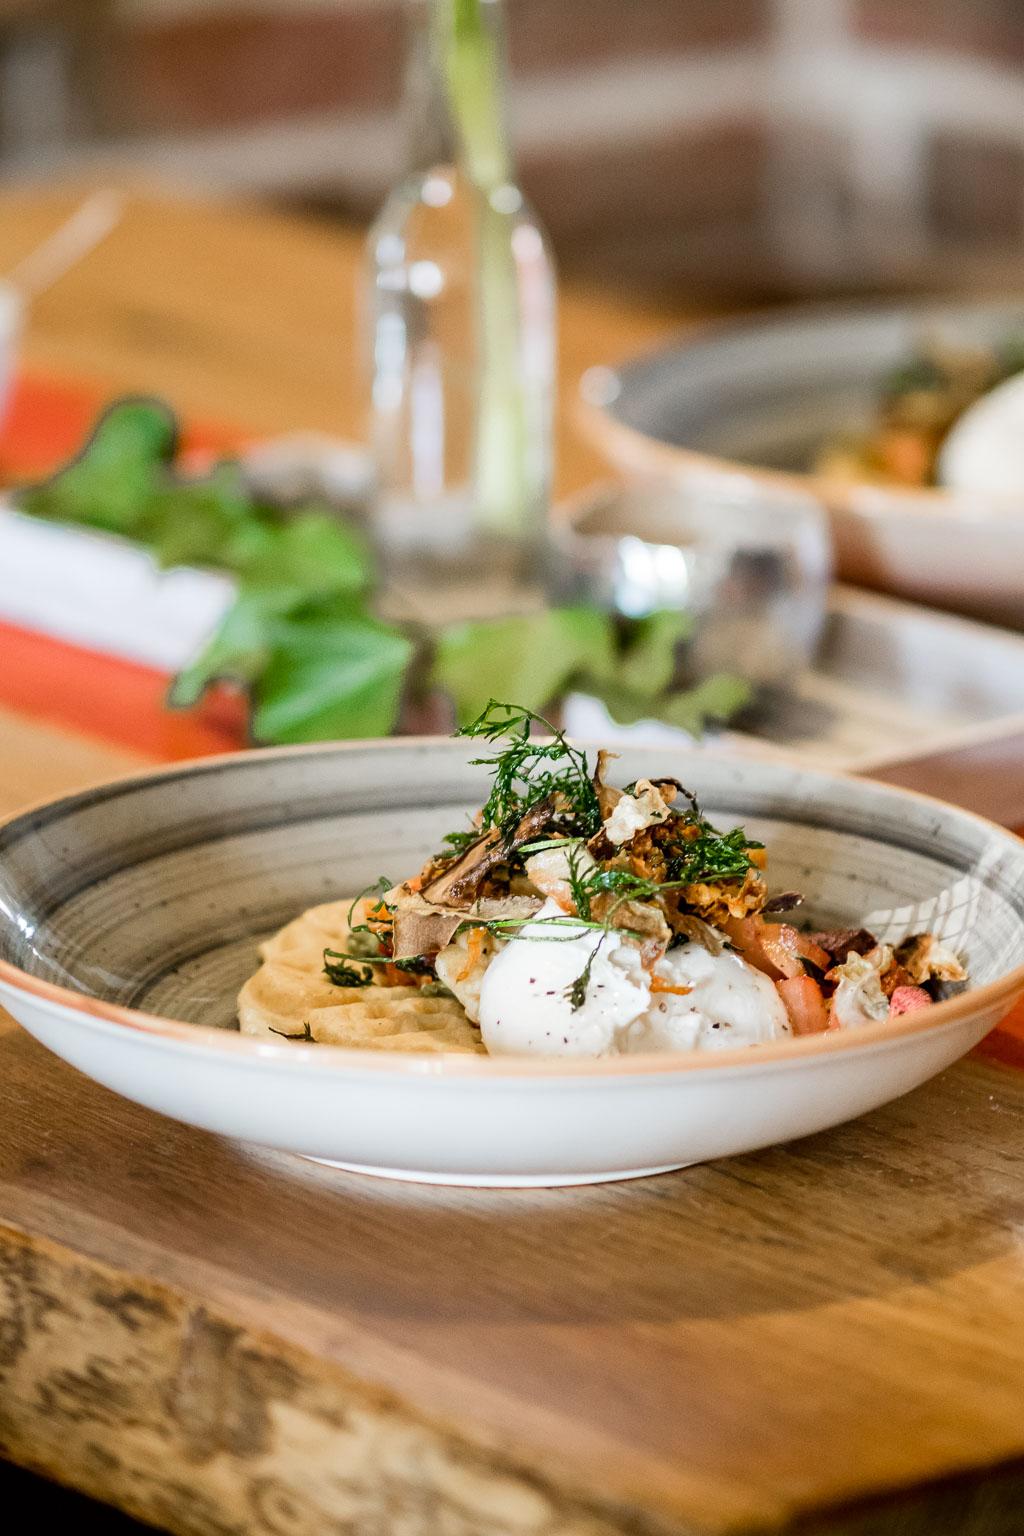 Rezept für Burrata auf gegrilltem Wintergemüse und Majoranwaffel Restaurant in Werder: Landgasthof Jüterbog in Brandenburg